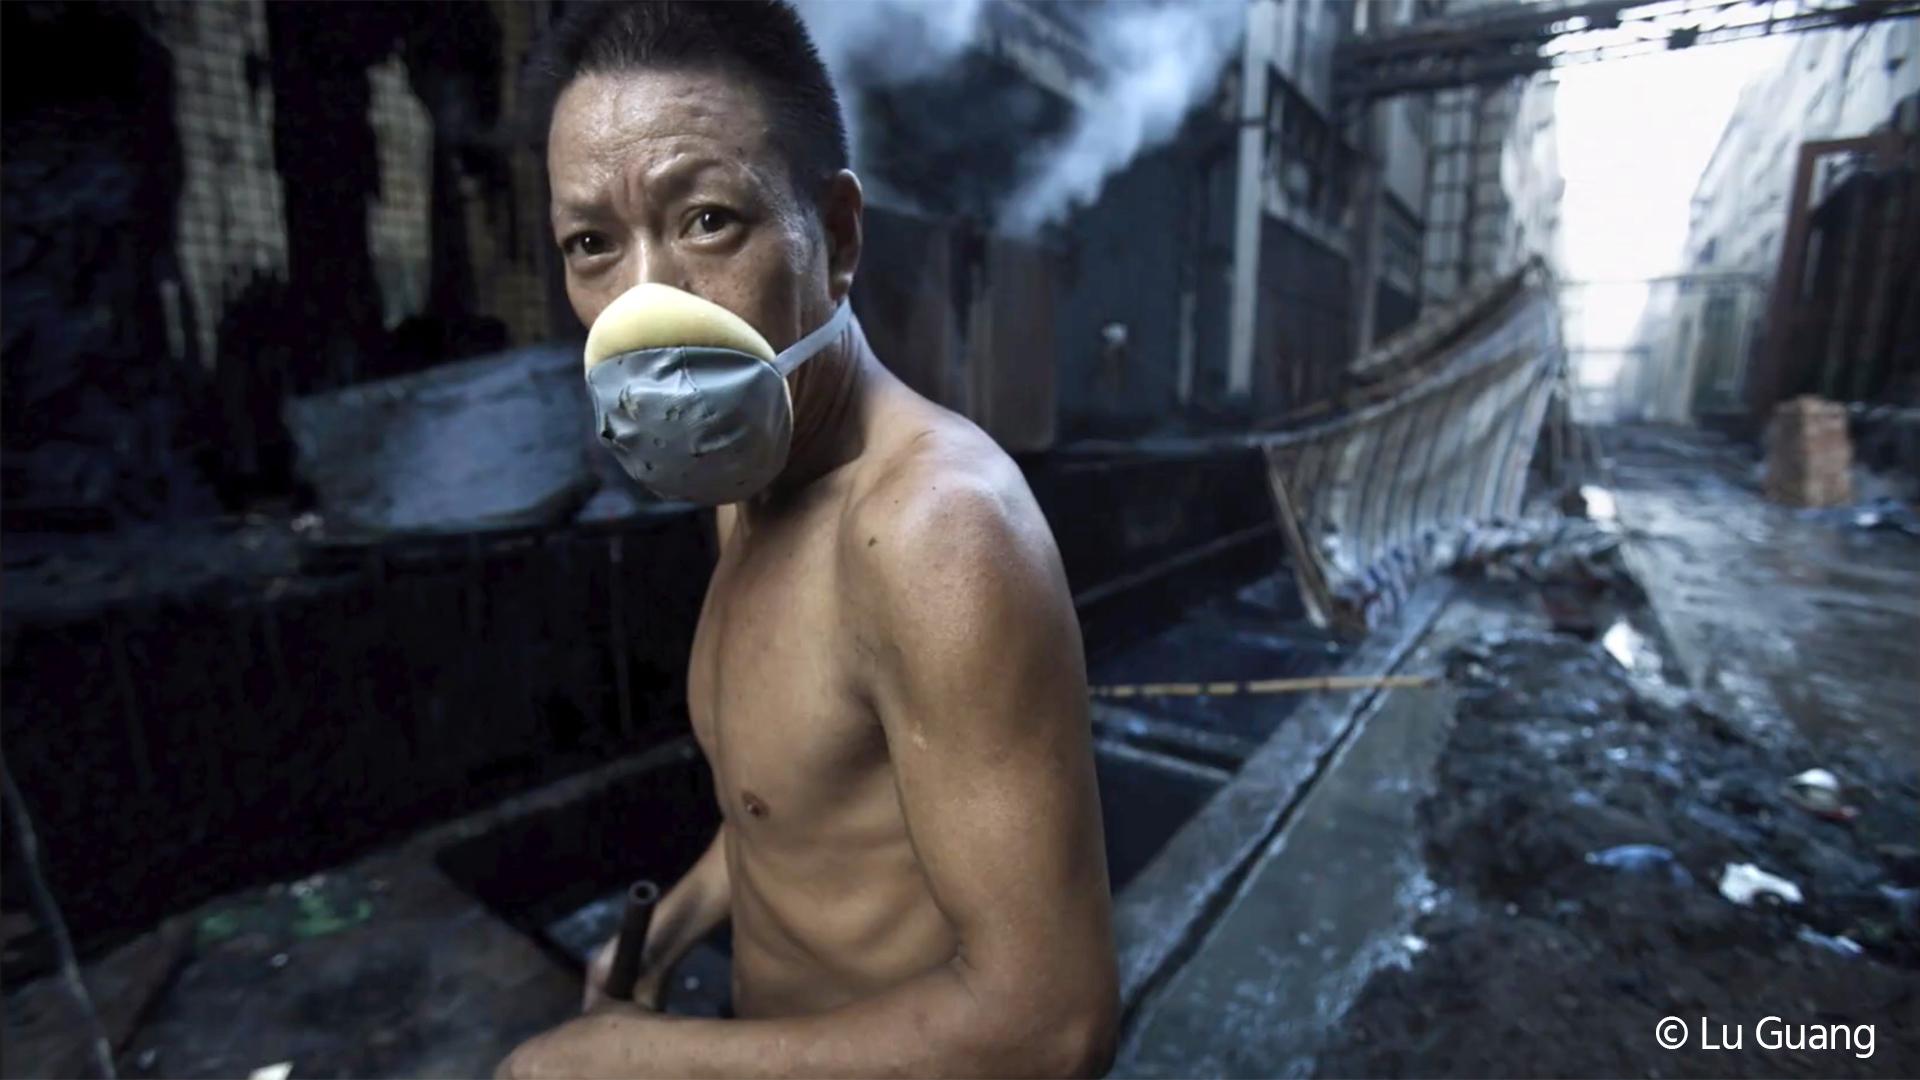 Por favor firma esta petición para apoyar la liberación del fotógrafo Lu Guang